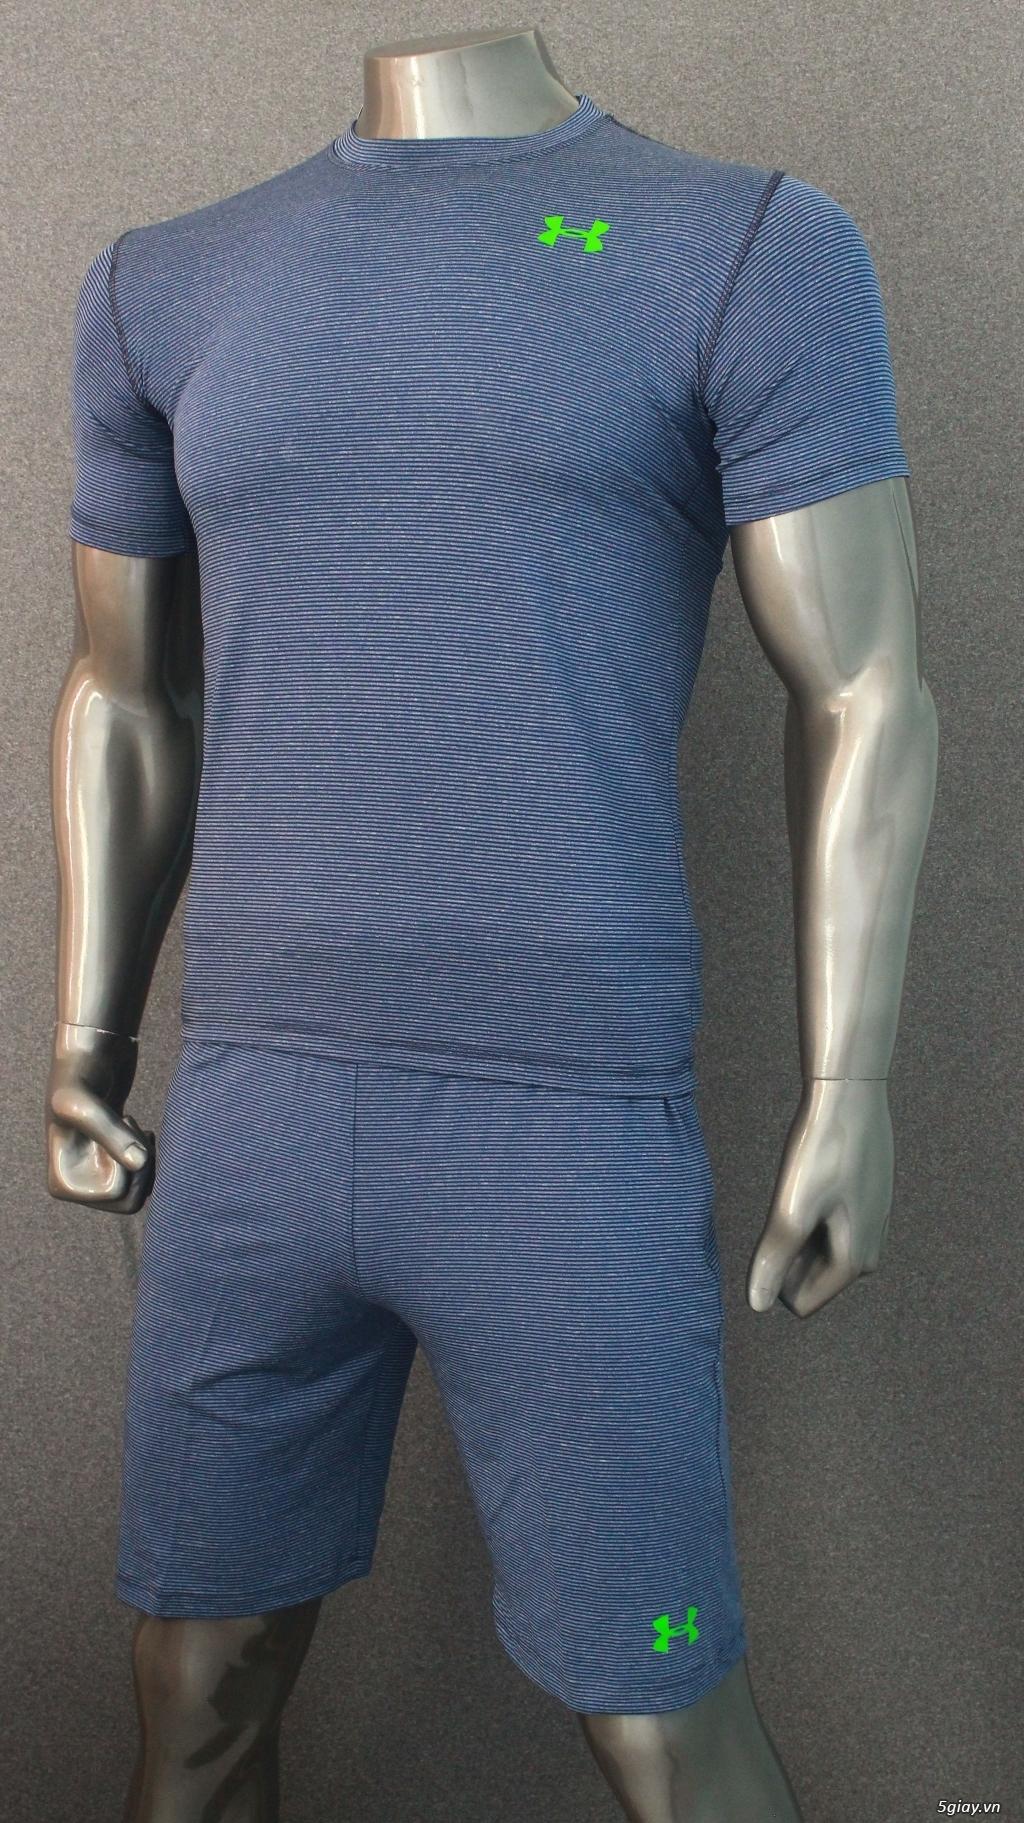 Chuyên cung cấp quần áo thể thao Adidas,Nike,Under Armour,Puma...trên Toàn Quốc giá xưởng - 20